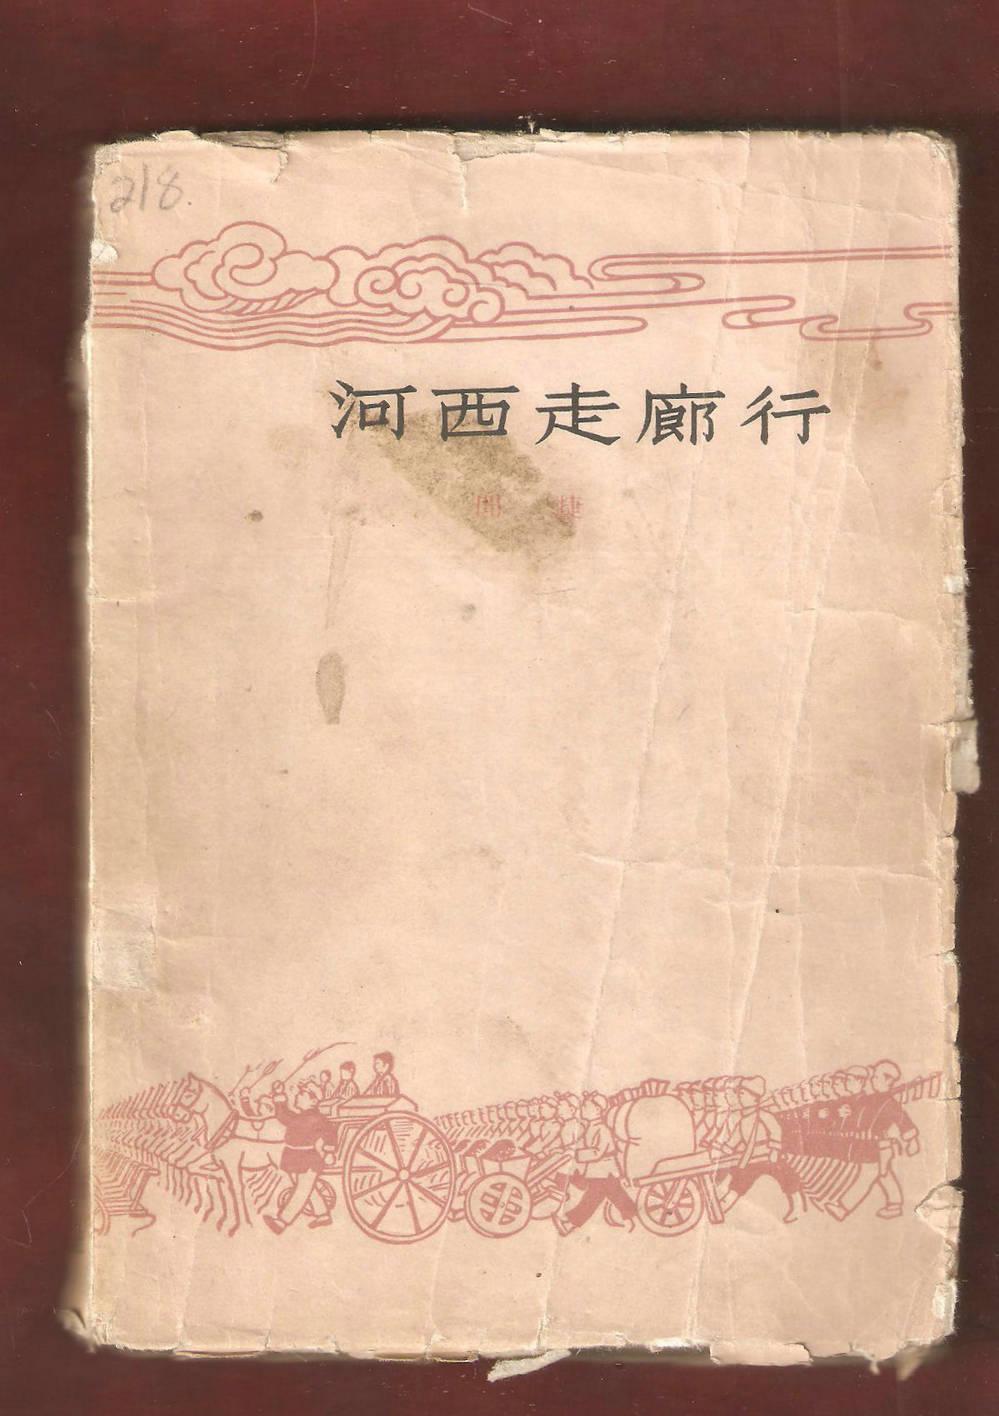 闻捷:河西走廊行(诗歌集)